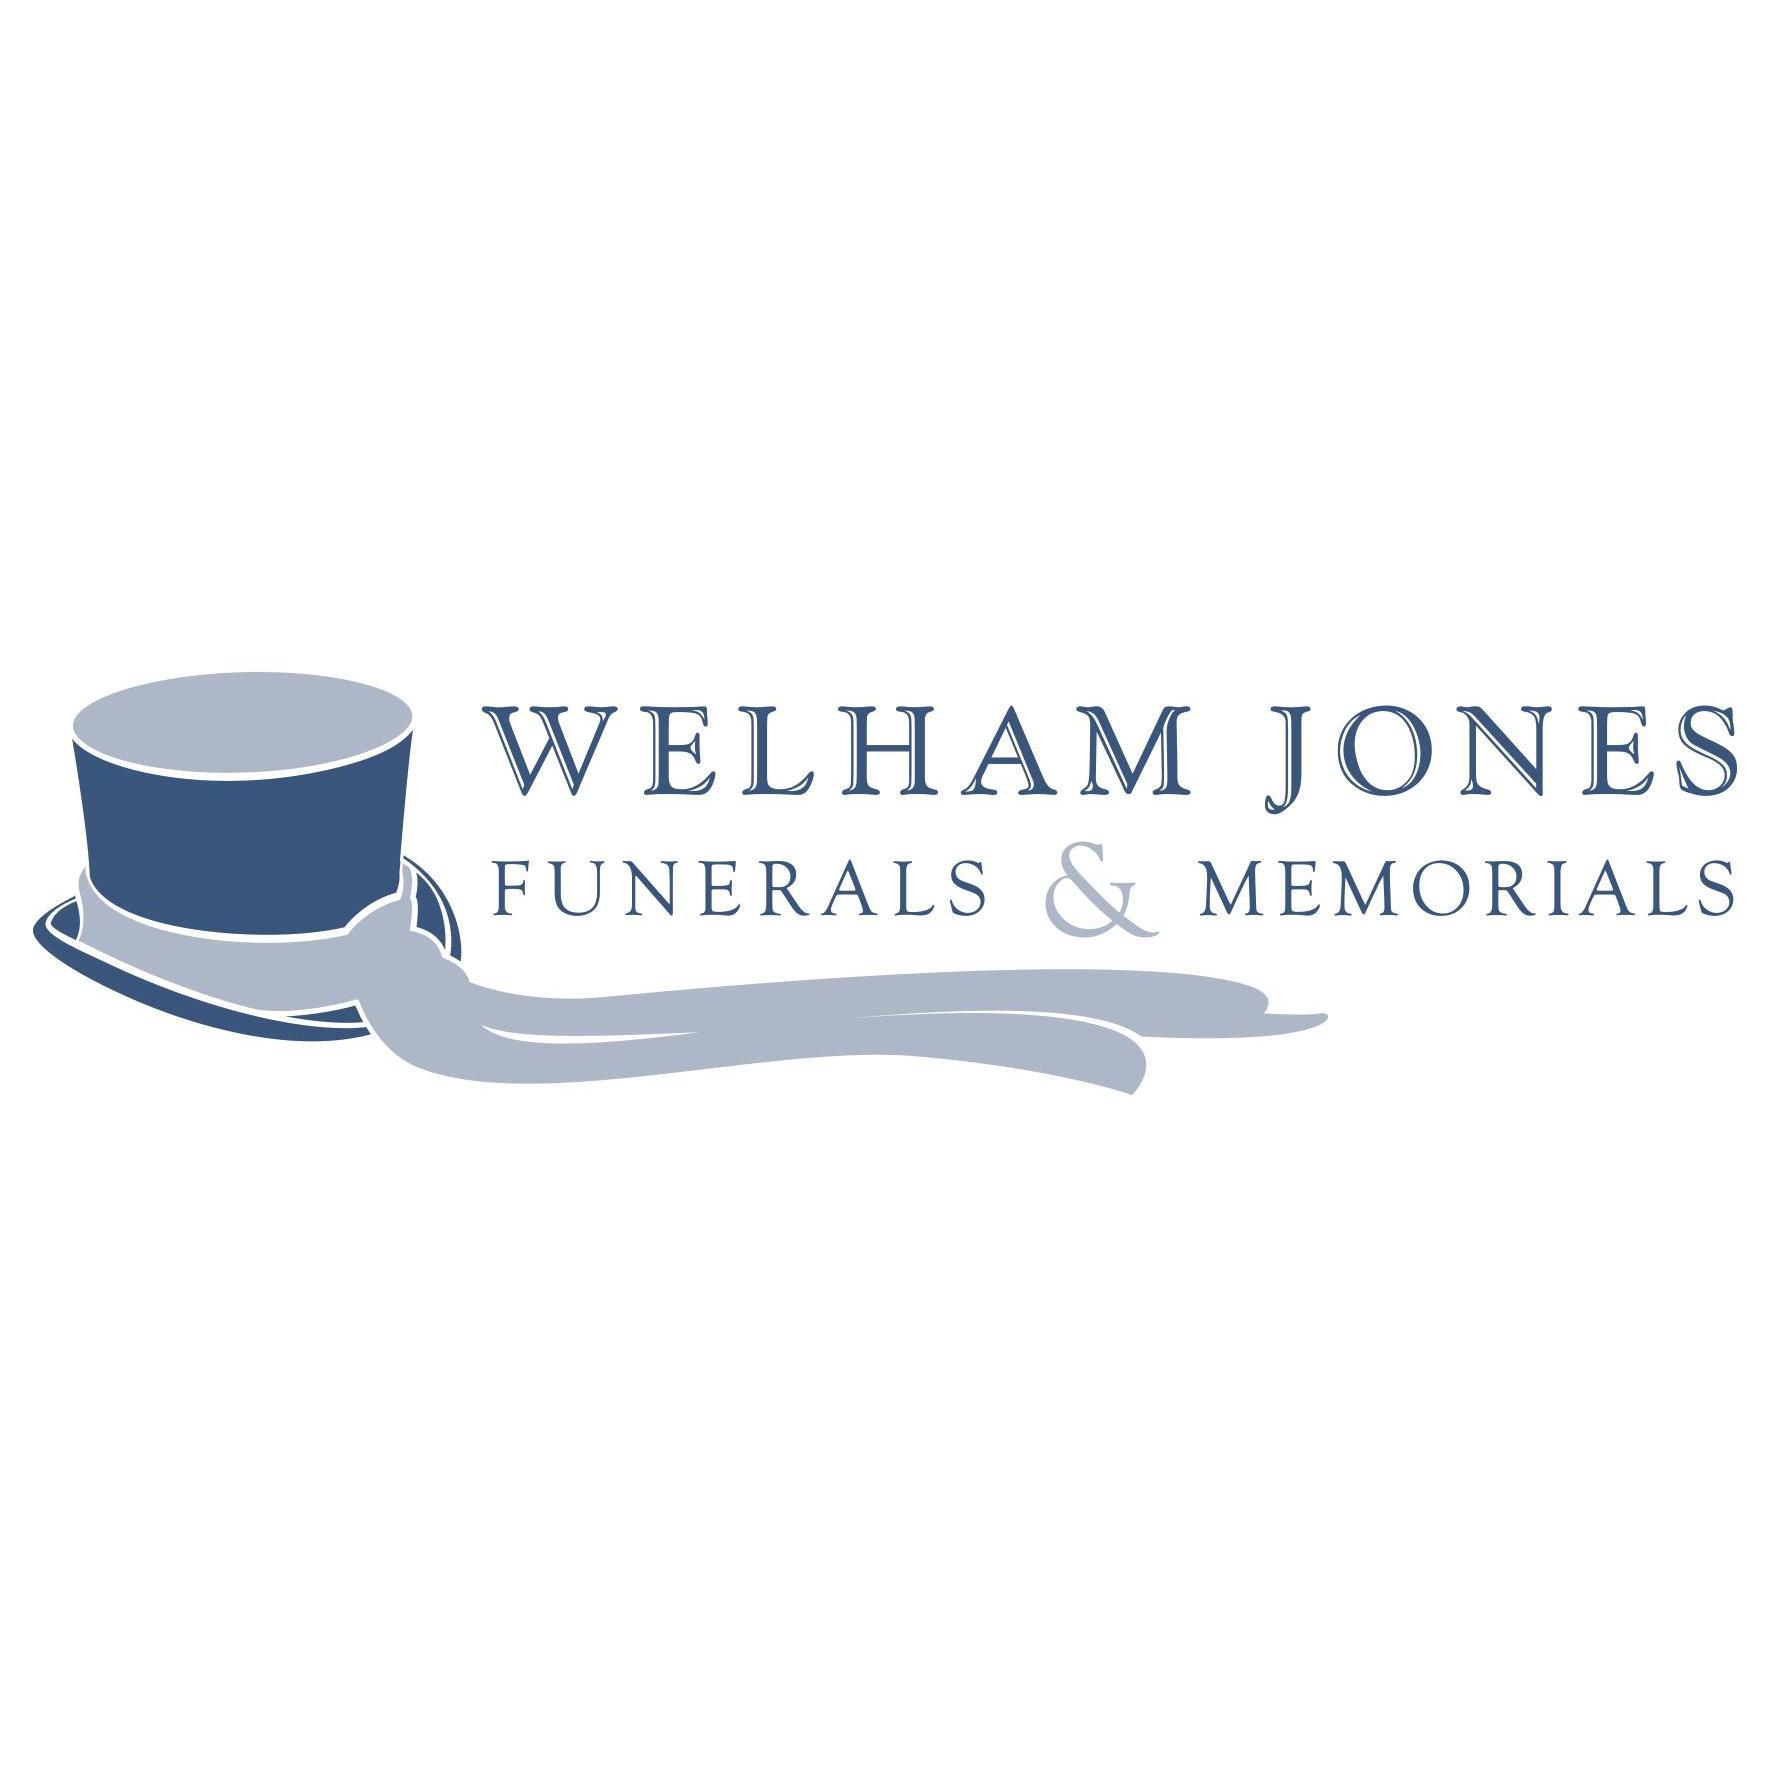 Welham Jones Funeral Directors - Chislehurst, London BR7 6AN - 01732 742400 | ShowMeLocal.com